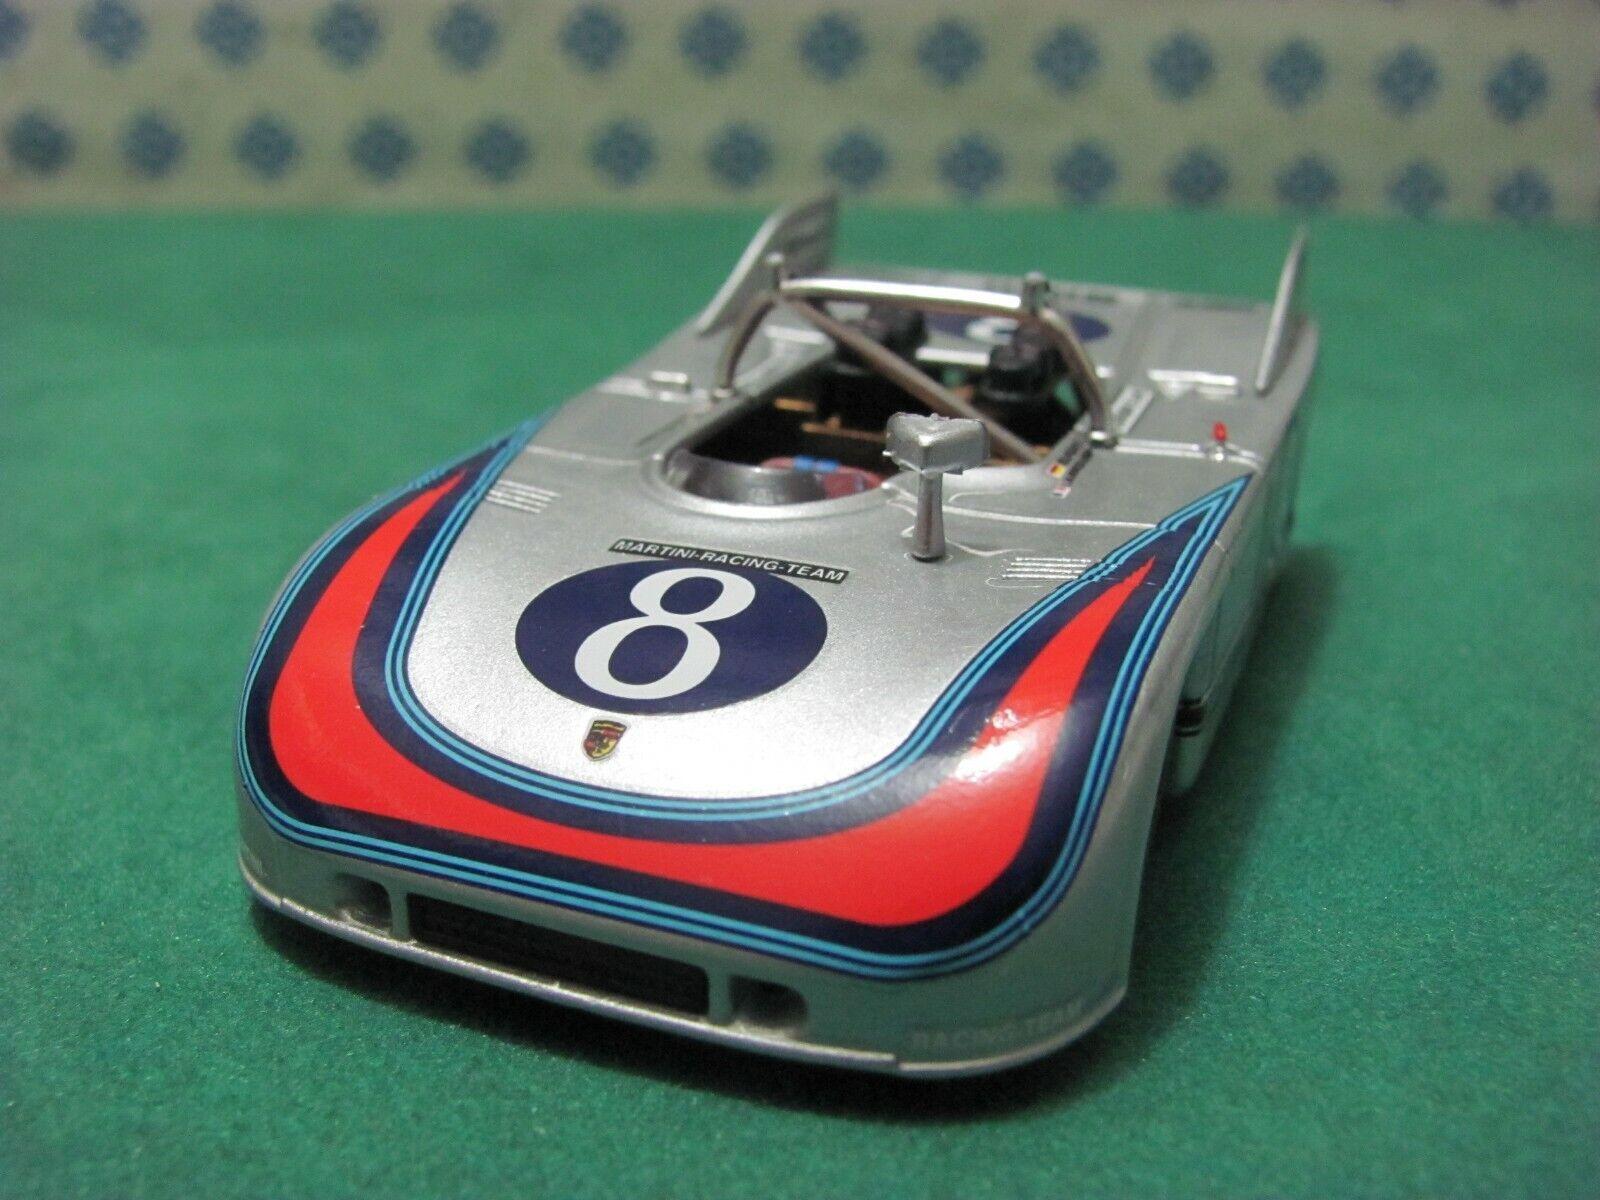 Porsche 908  3 3000cc spyder.  targa florio 1971  - 1 43 Beste 9334  prix ultra bas